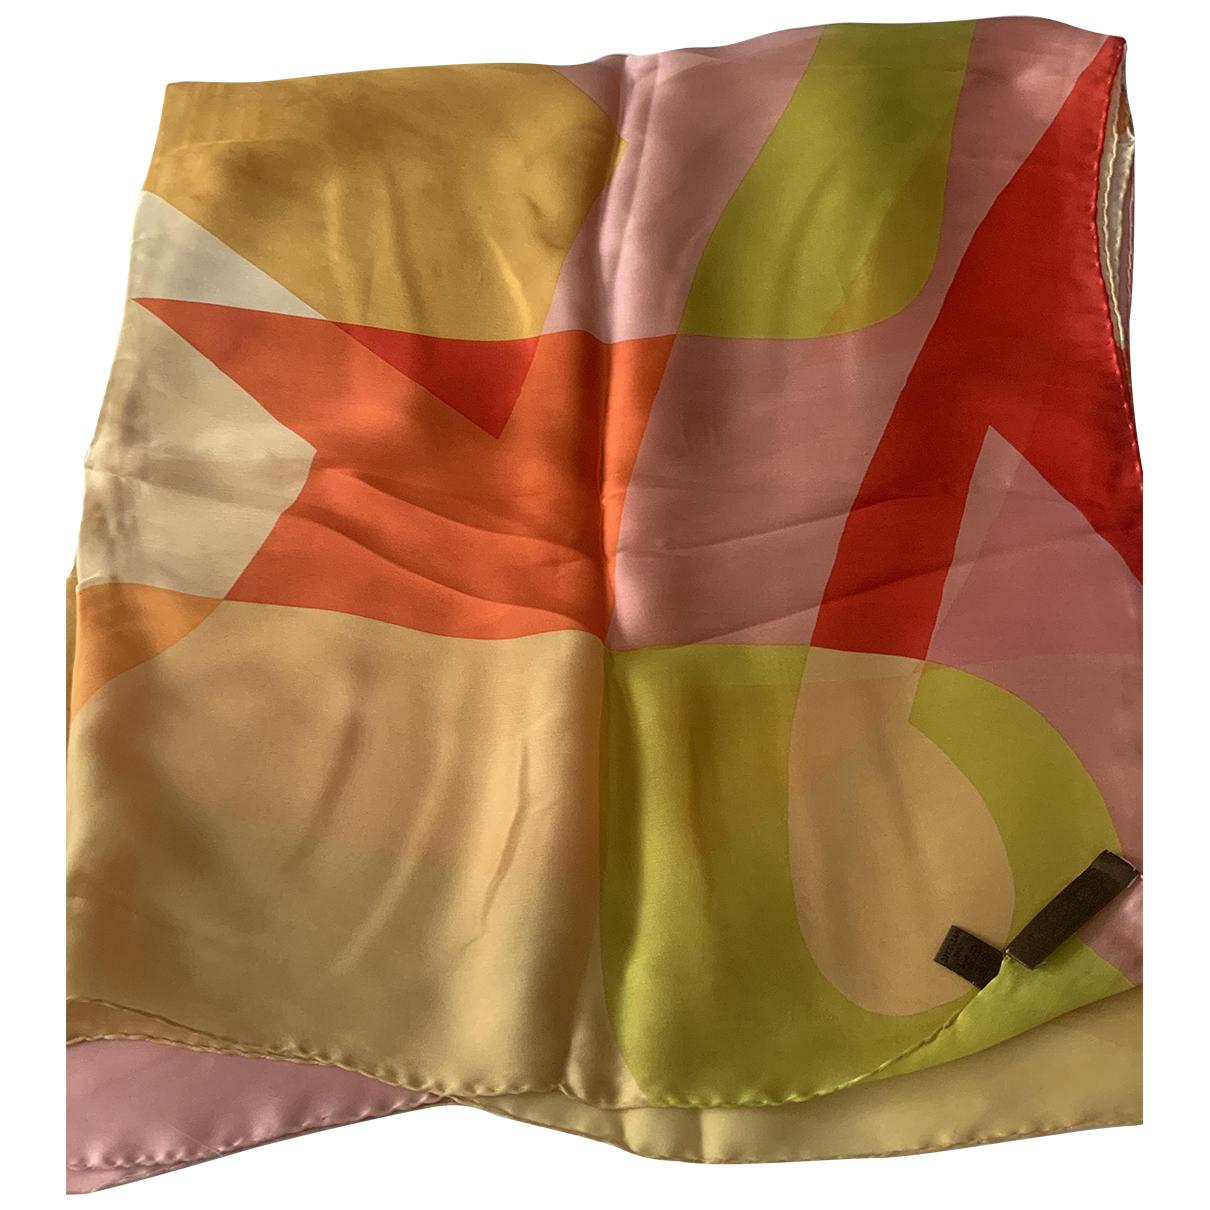 Loewe - Carre   pour femme en soie - multicolore